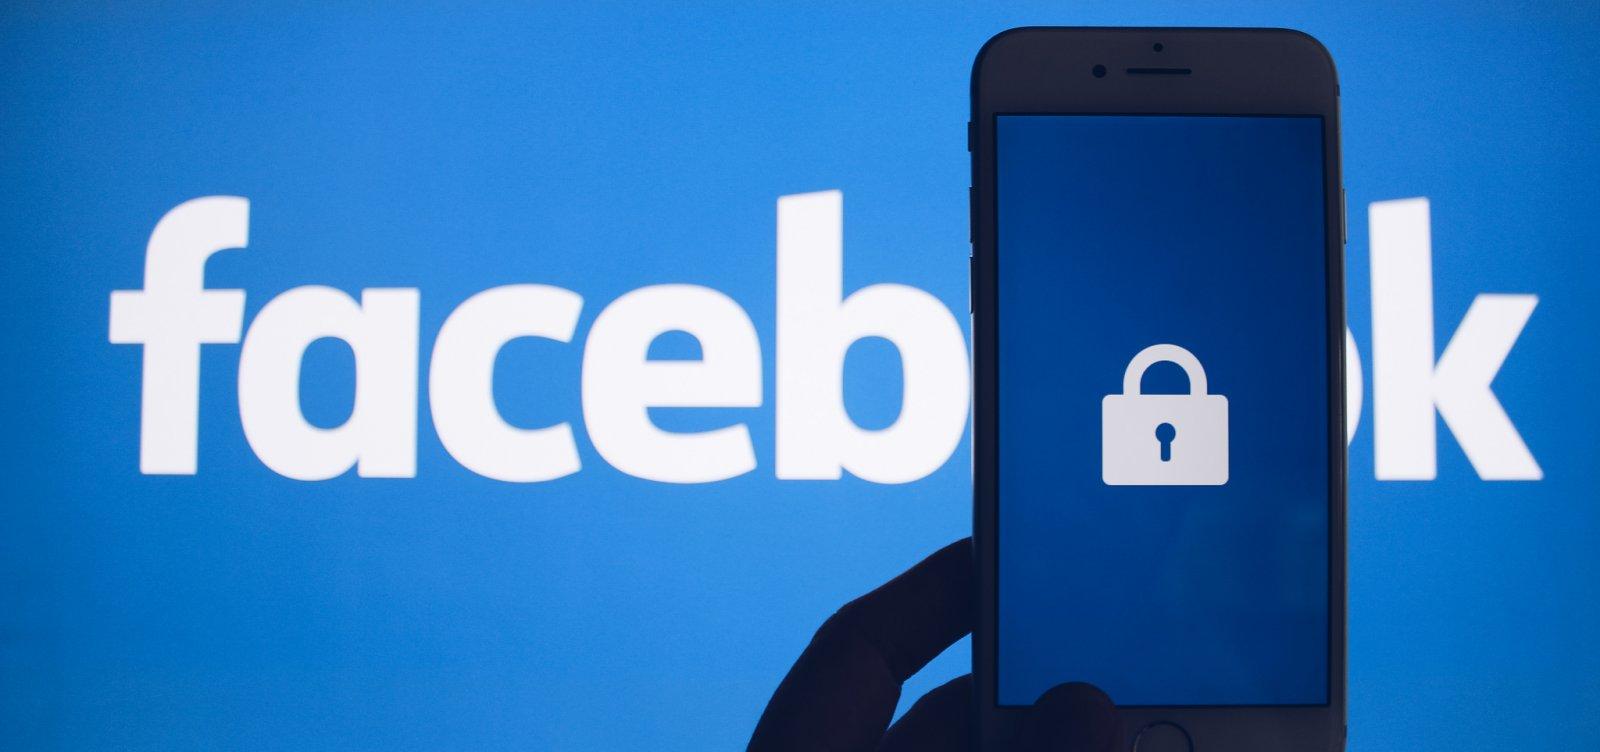 [Facebook diz ter descoberto falha na segurança que afeta 50 milhões de perfis]